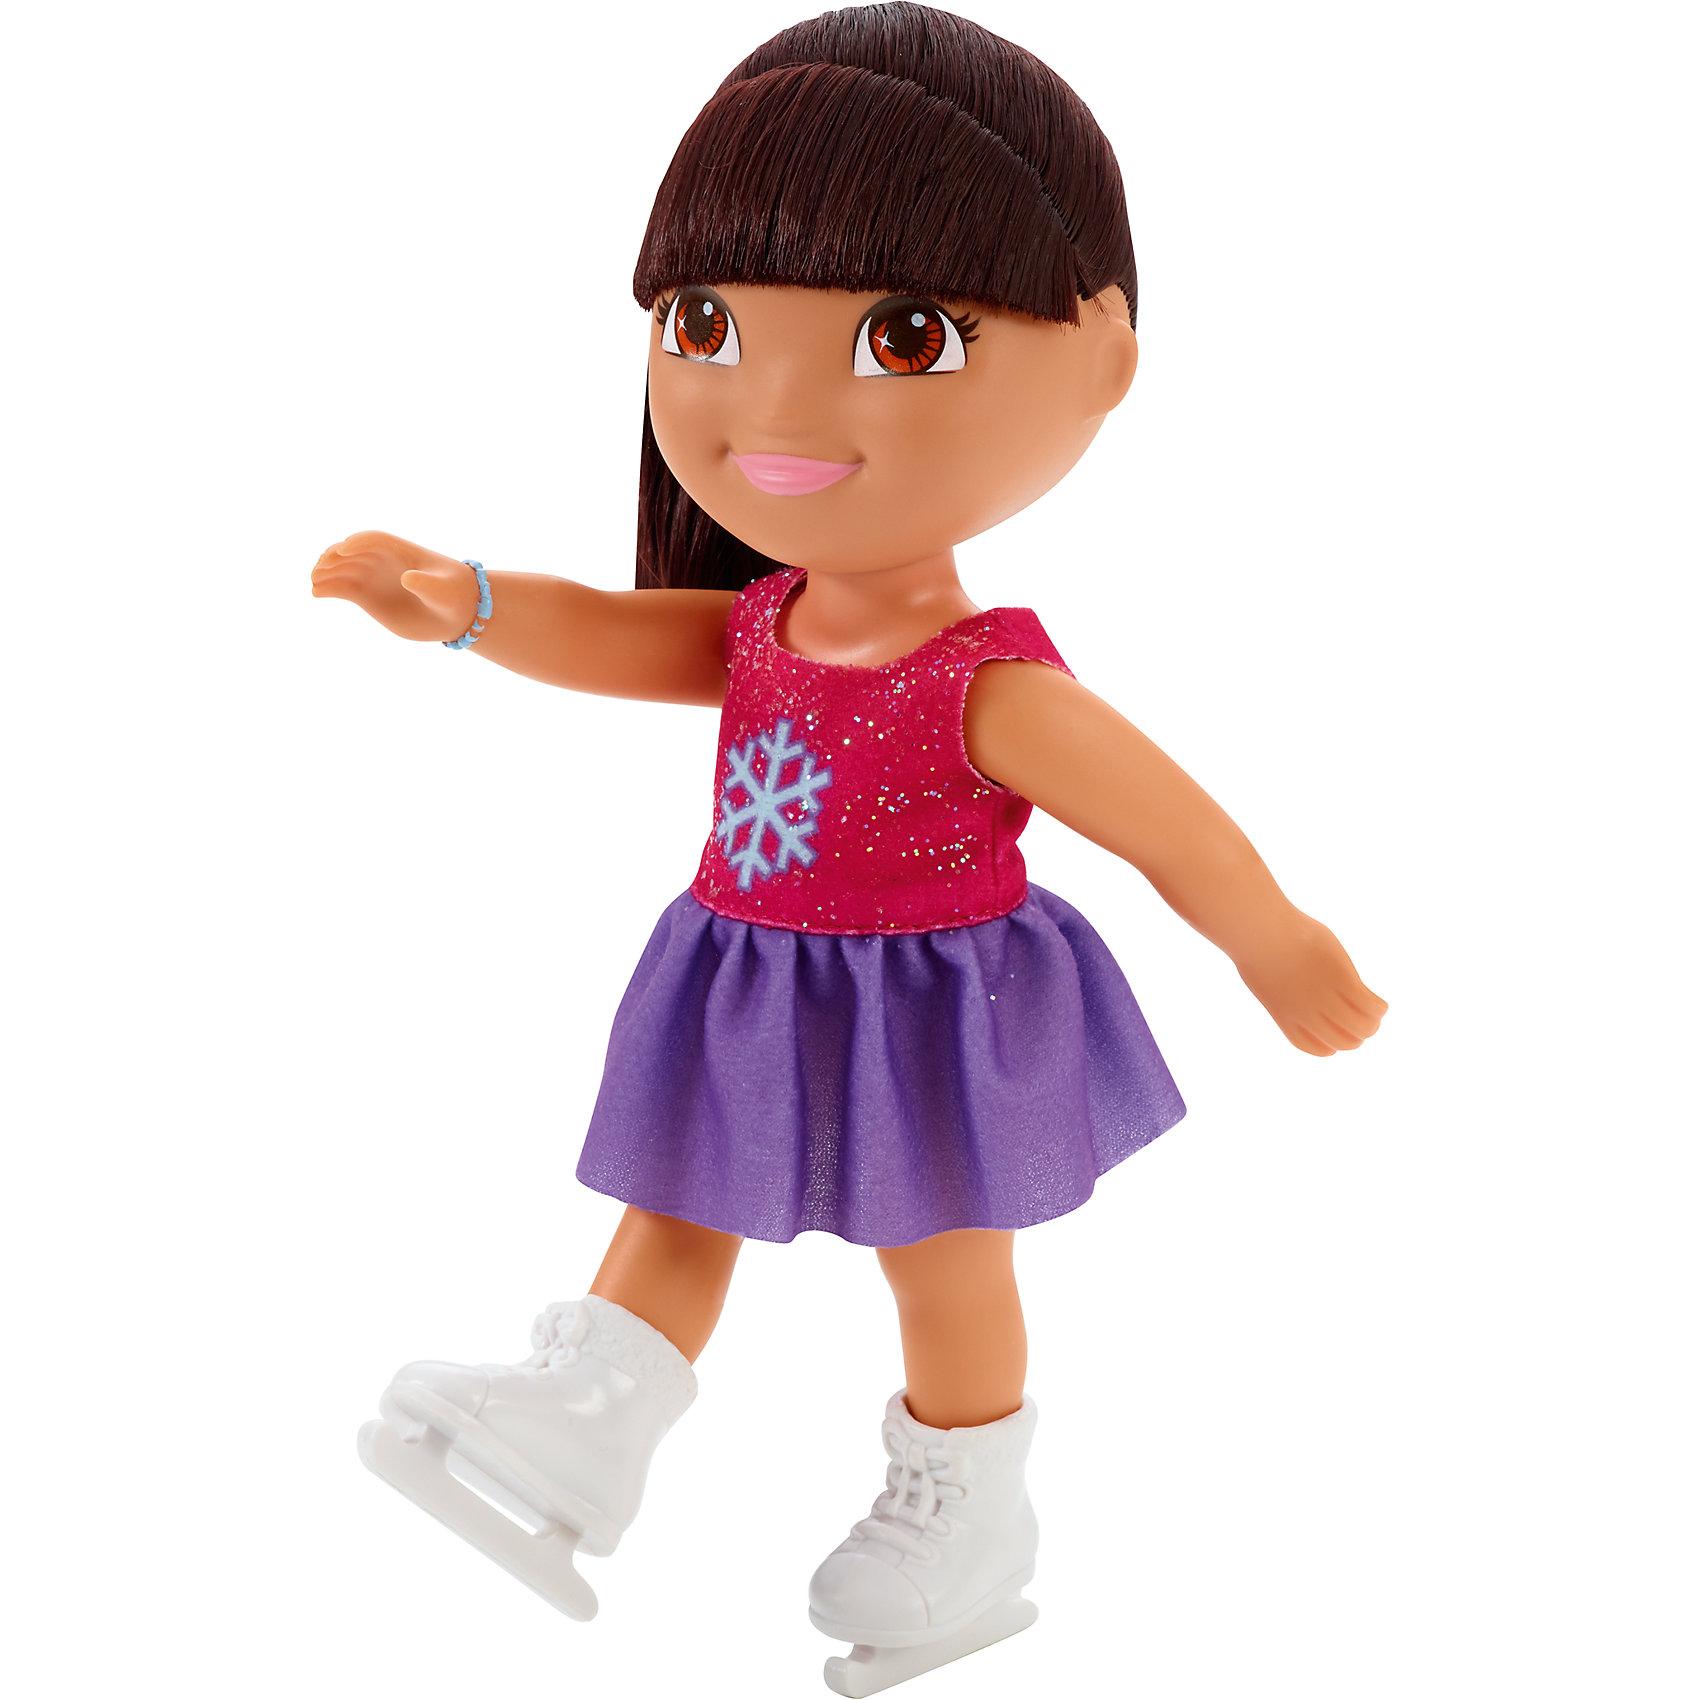 Кукла Даша на катке, Fisher Price, Даша-путешественницаДаша-путешественница<br>Характеристики товара:<br><br>• комплектация: игрушка, упаковка <br>• материал: пластик, текстиль<br>• серия: Fisher Price<br>• возраст: от трех лет<br>• габариты игрушки: 23х9х12,5 см<br>• вес: 0,65 кг<br>• срок годности: не ограничен<br>• страна бренда: США<br><br>Даша решила отправиться на каток! На ней яркое нарядное платье и белоснежные коньки. Исследуй окружающий мир вместе с куклой Дашей! Даша – путешественница – кукла, созданная по мотивам одноименного фильма. Высота куклы – 20 сантиметров. Стоит отметить, что все товары, выпускаемые компанией Mattel, полностью безопасны и соответствуют международным  требованиям по качеству материалов. <br><br>Товар «Кукла Даша на катке, Fisher Price, Даша-путешественница» можно приобрести в нашем интернет-магазине.<br><br>Ширина мм: 90<br>Глубина мм: 230<br>Высота мм: 125<br>Вес г: 266<br>Возраст от месяцев: 36<br>Возраст до месяцев: 120<br>Пол: Женский<br>Возраст: Детский<br>SKU: 5434145